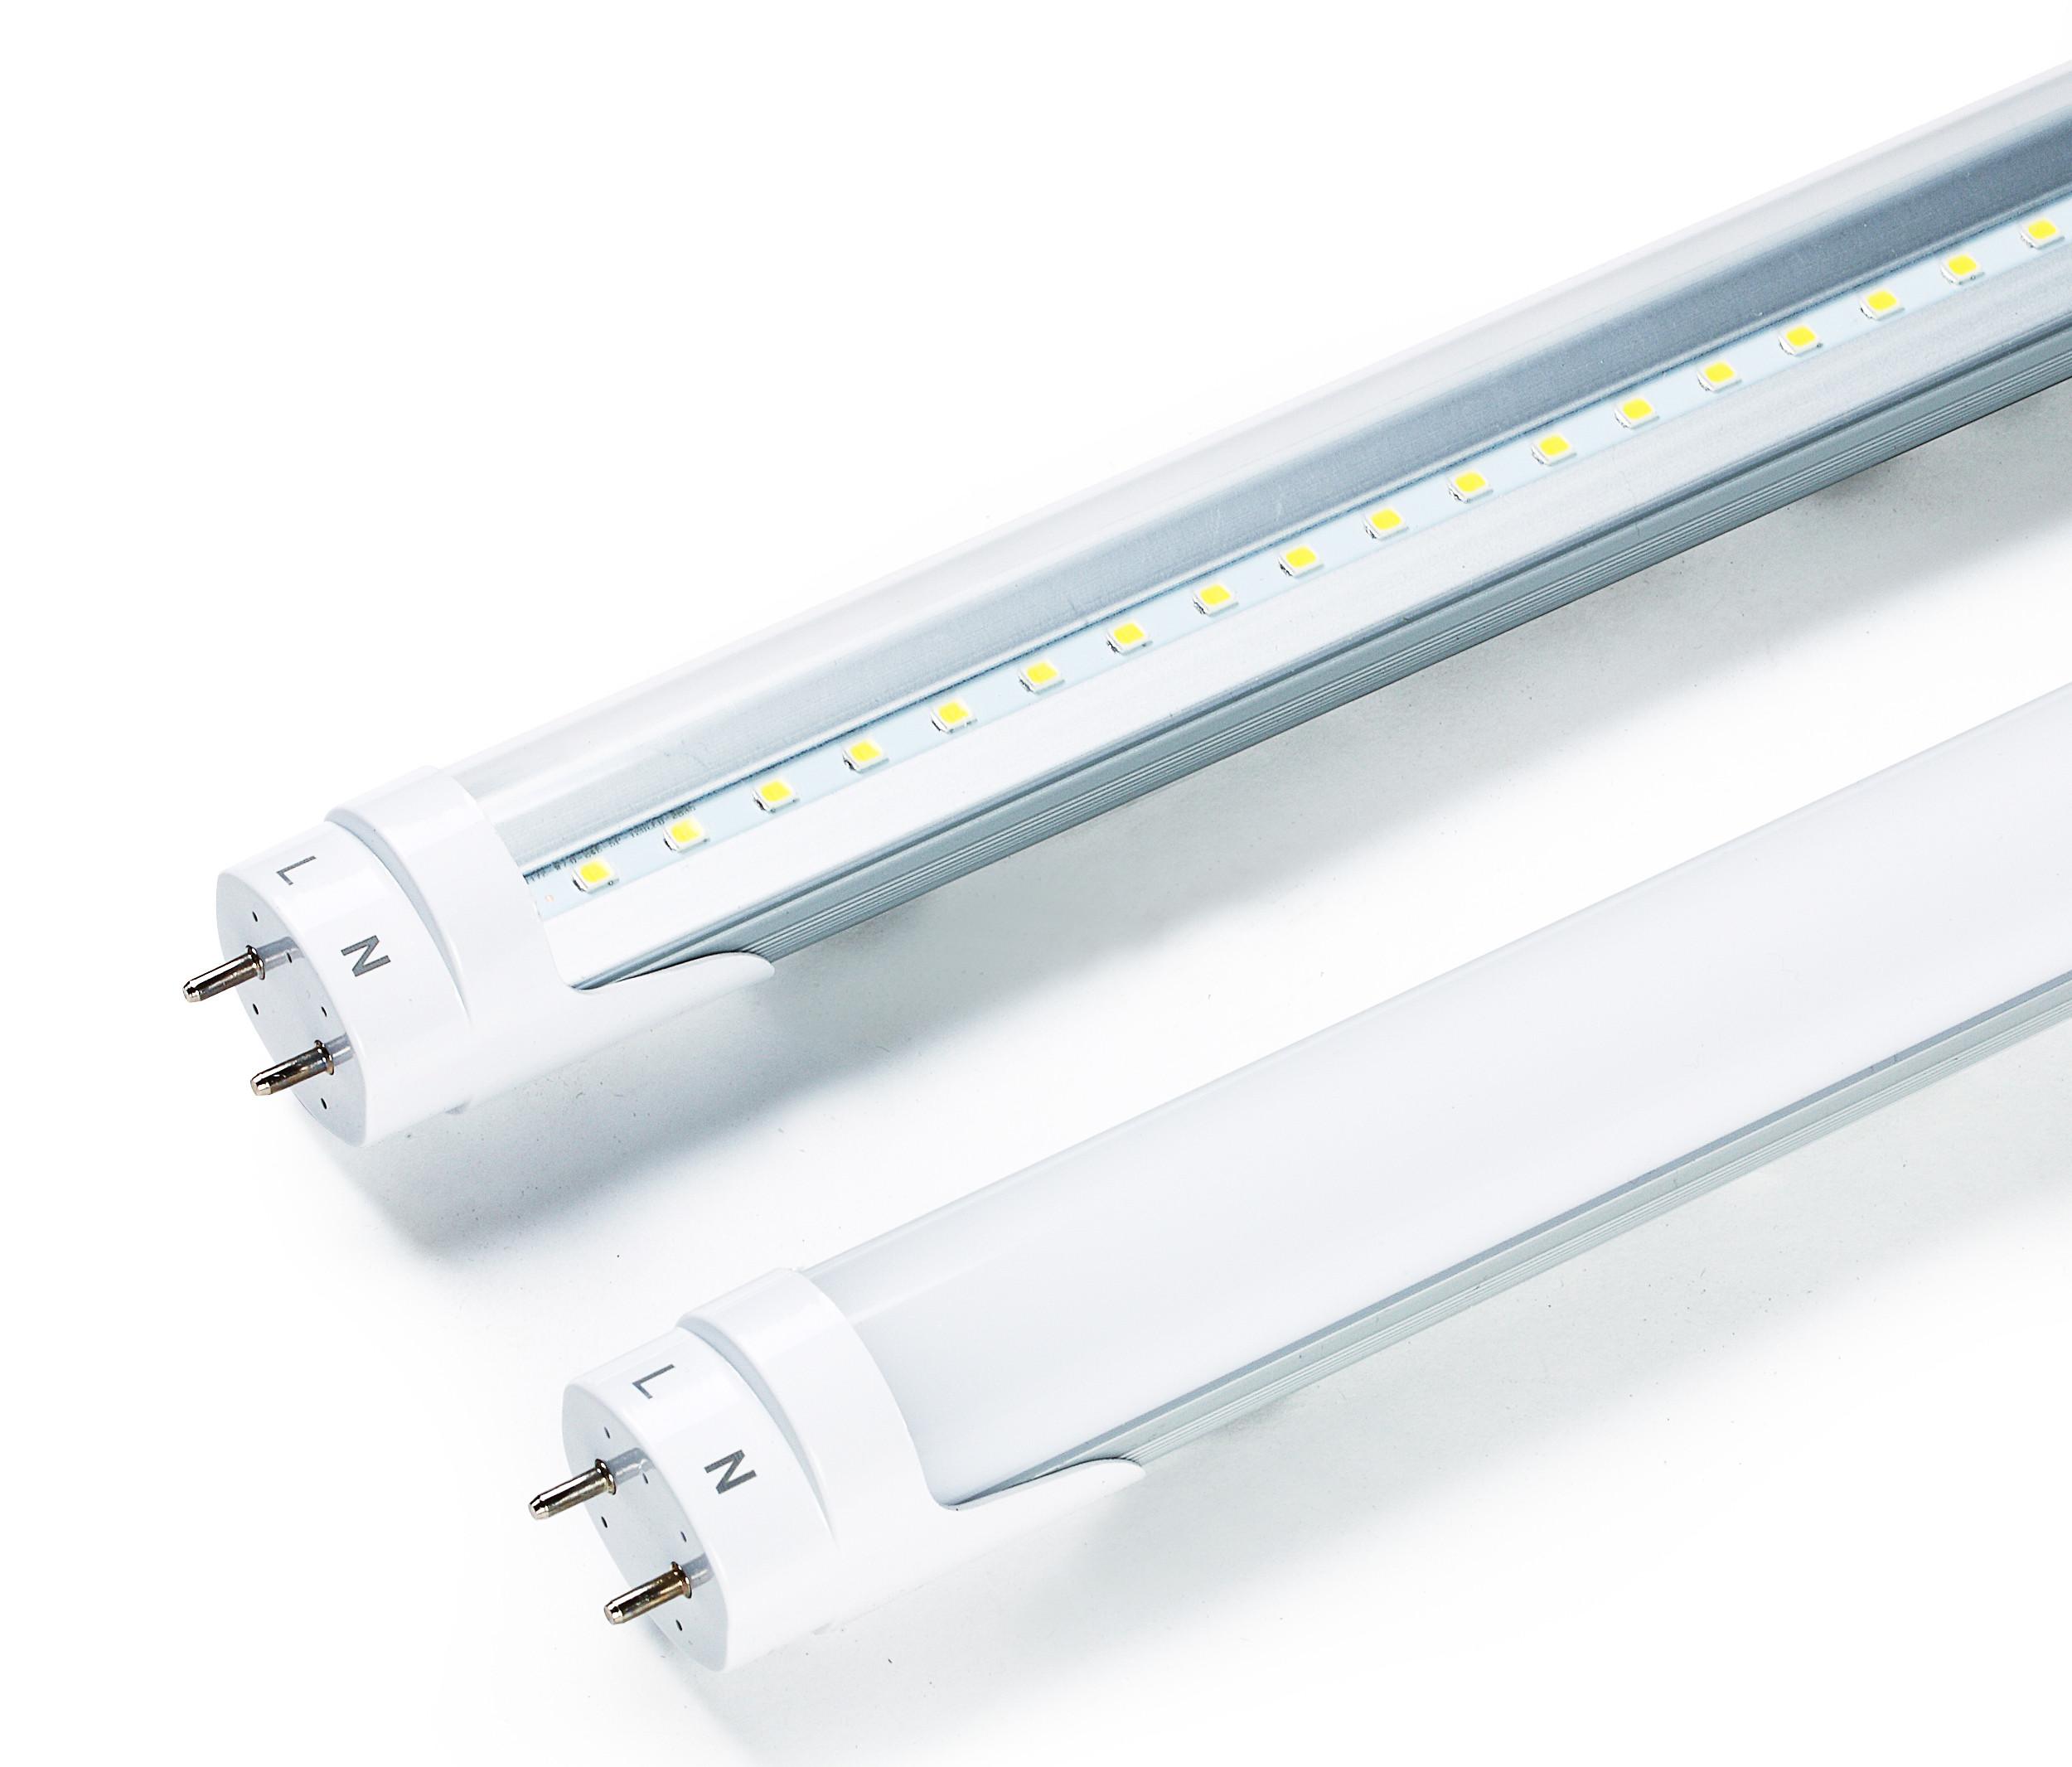 Stor besparelse på bestilling af LED lysstofrør online